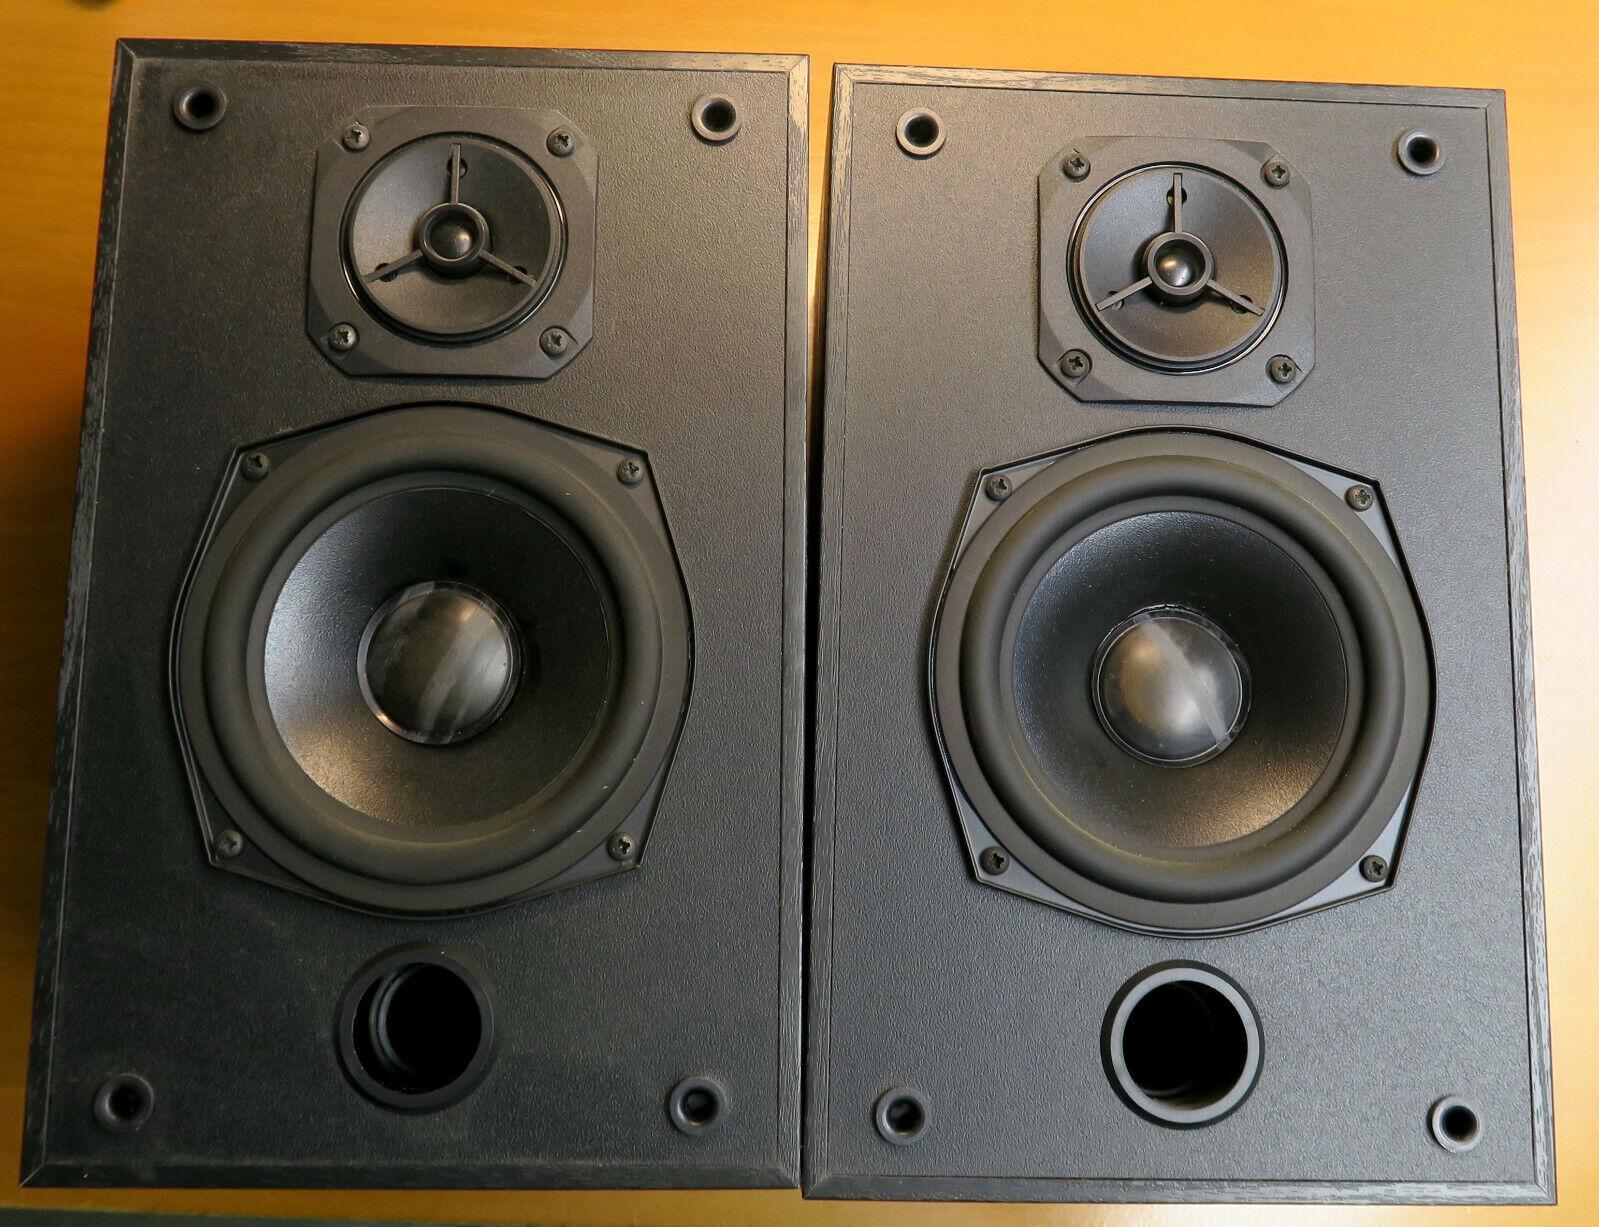 Heco Interior plus 1000 Lautsprecher Regallautsprecher